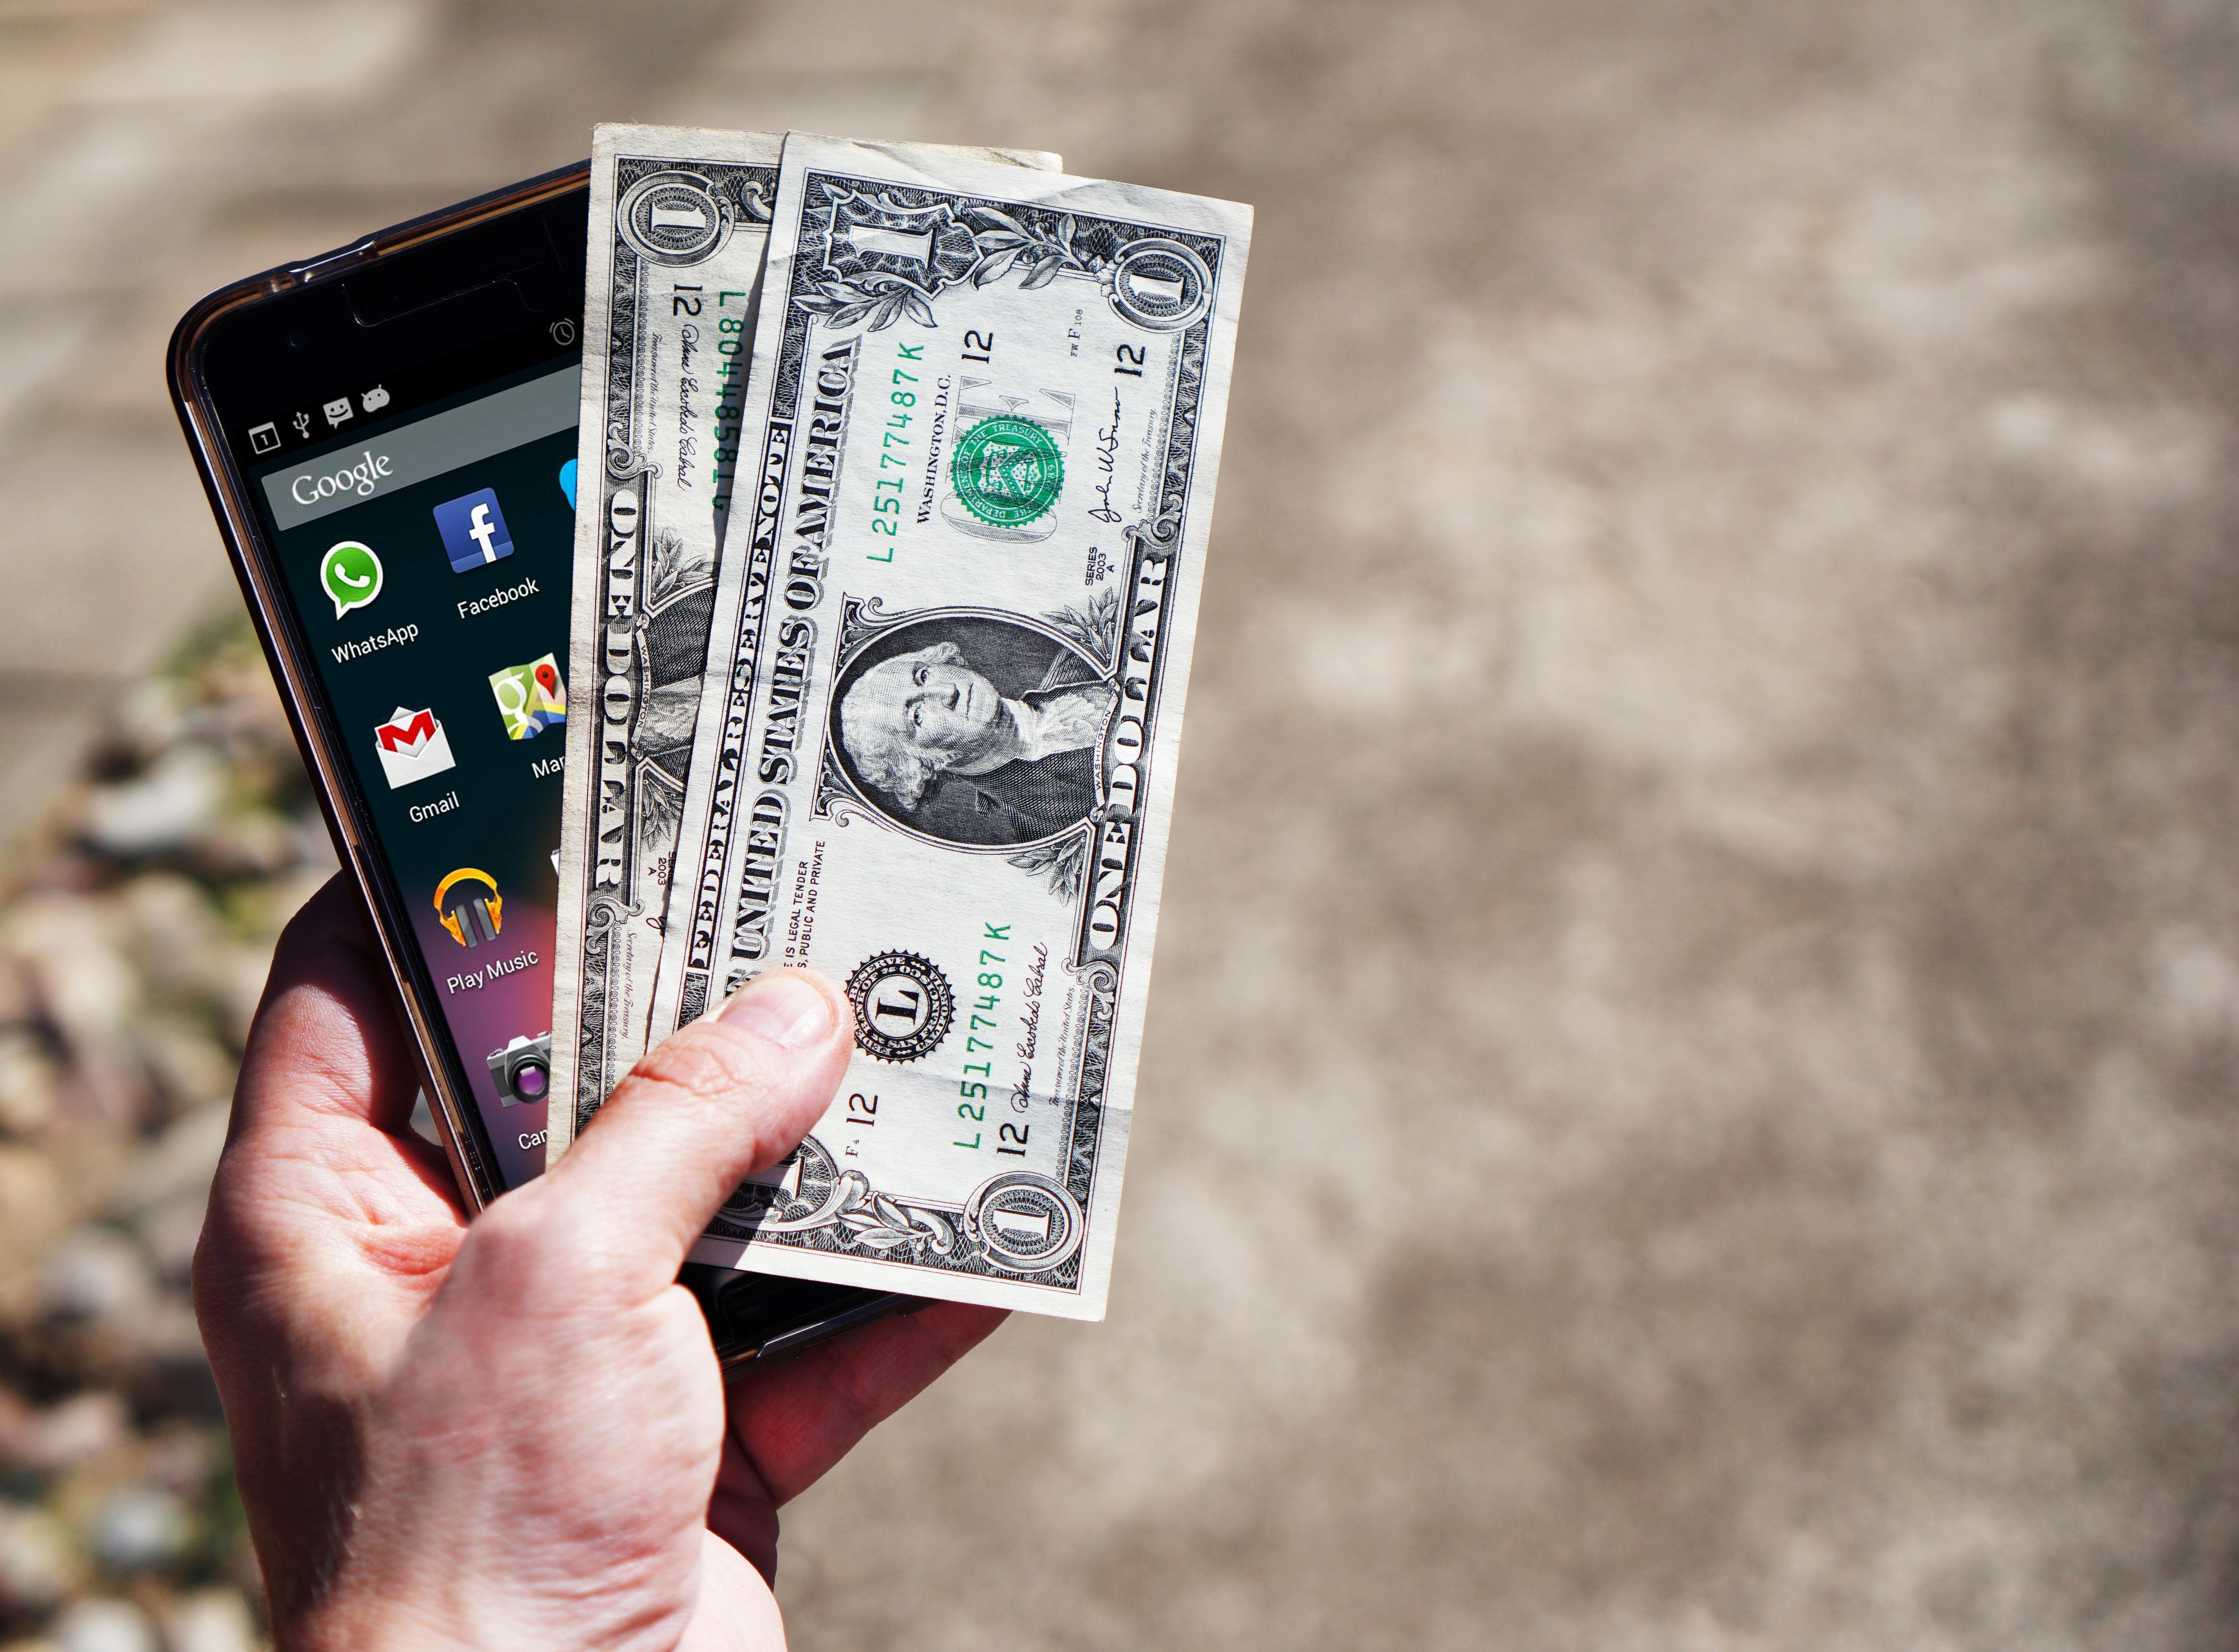 фотографии денег из телефона голос